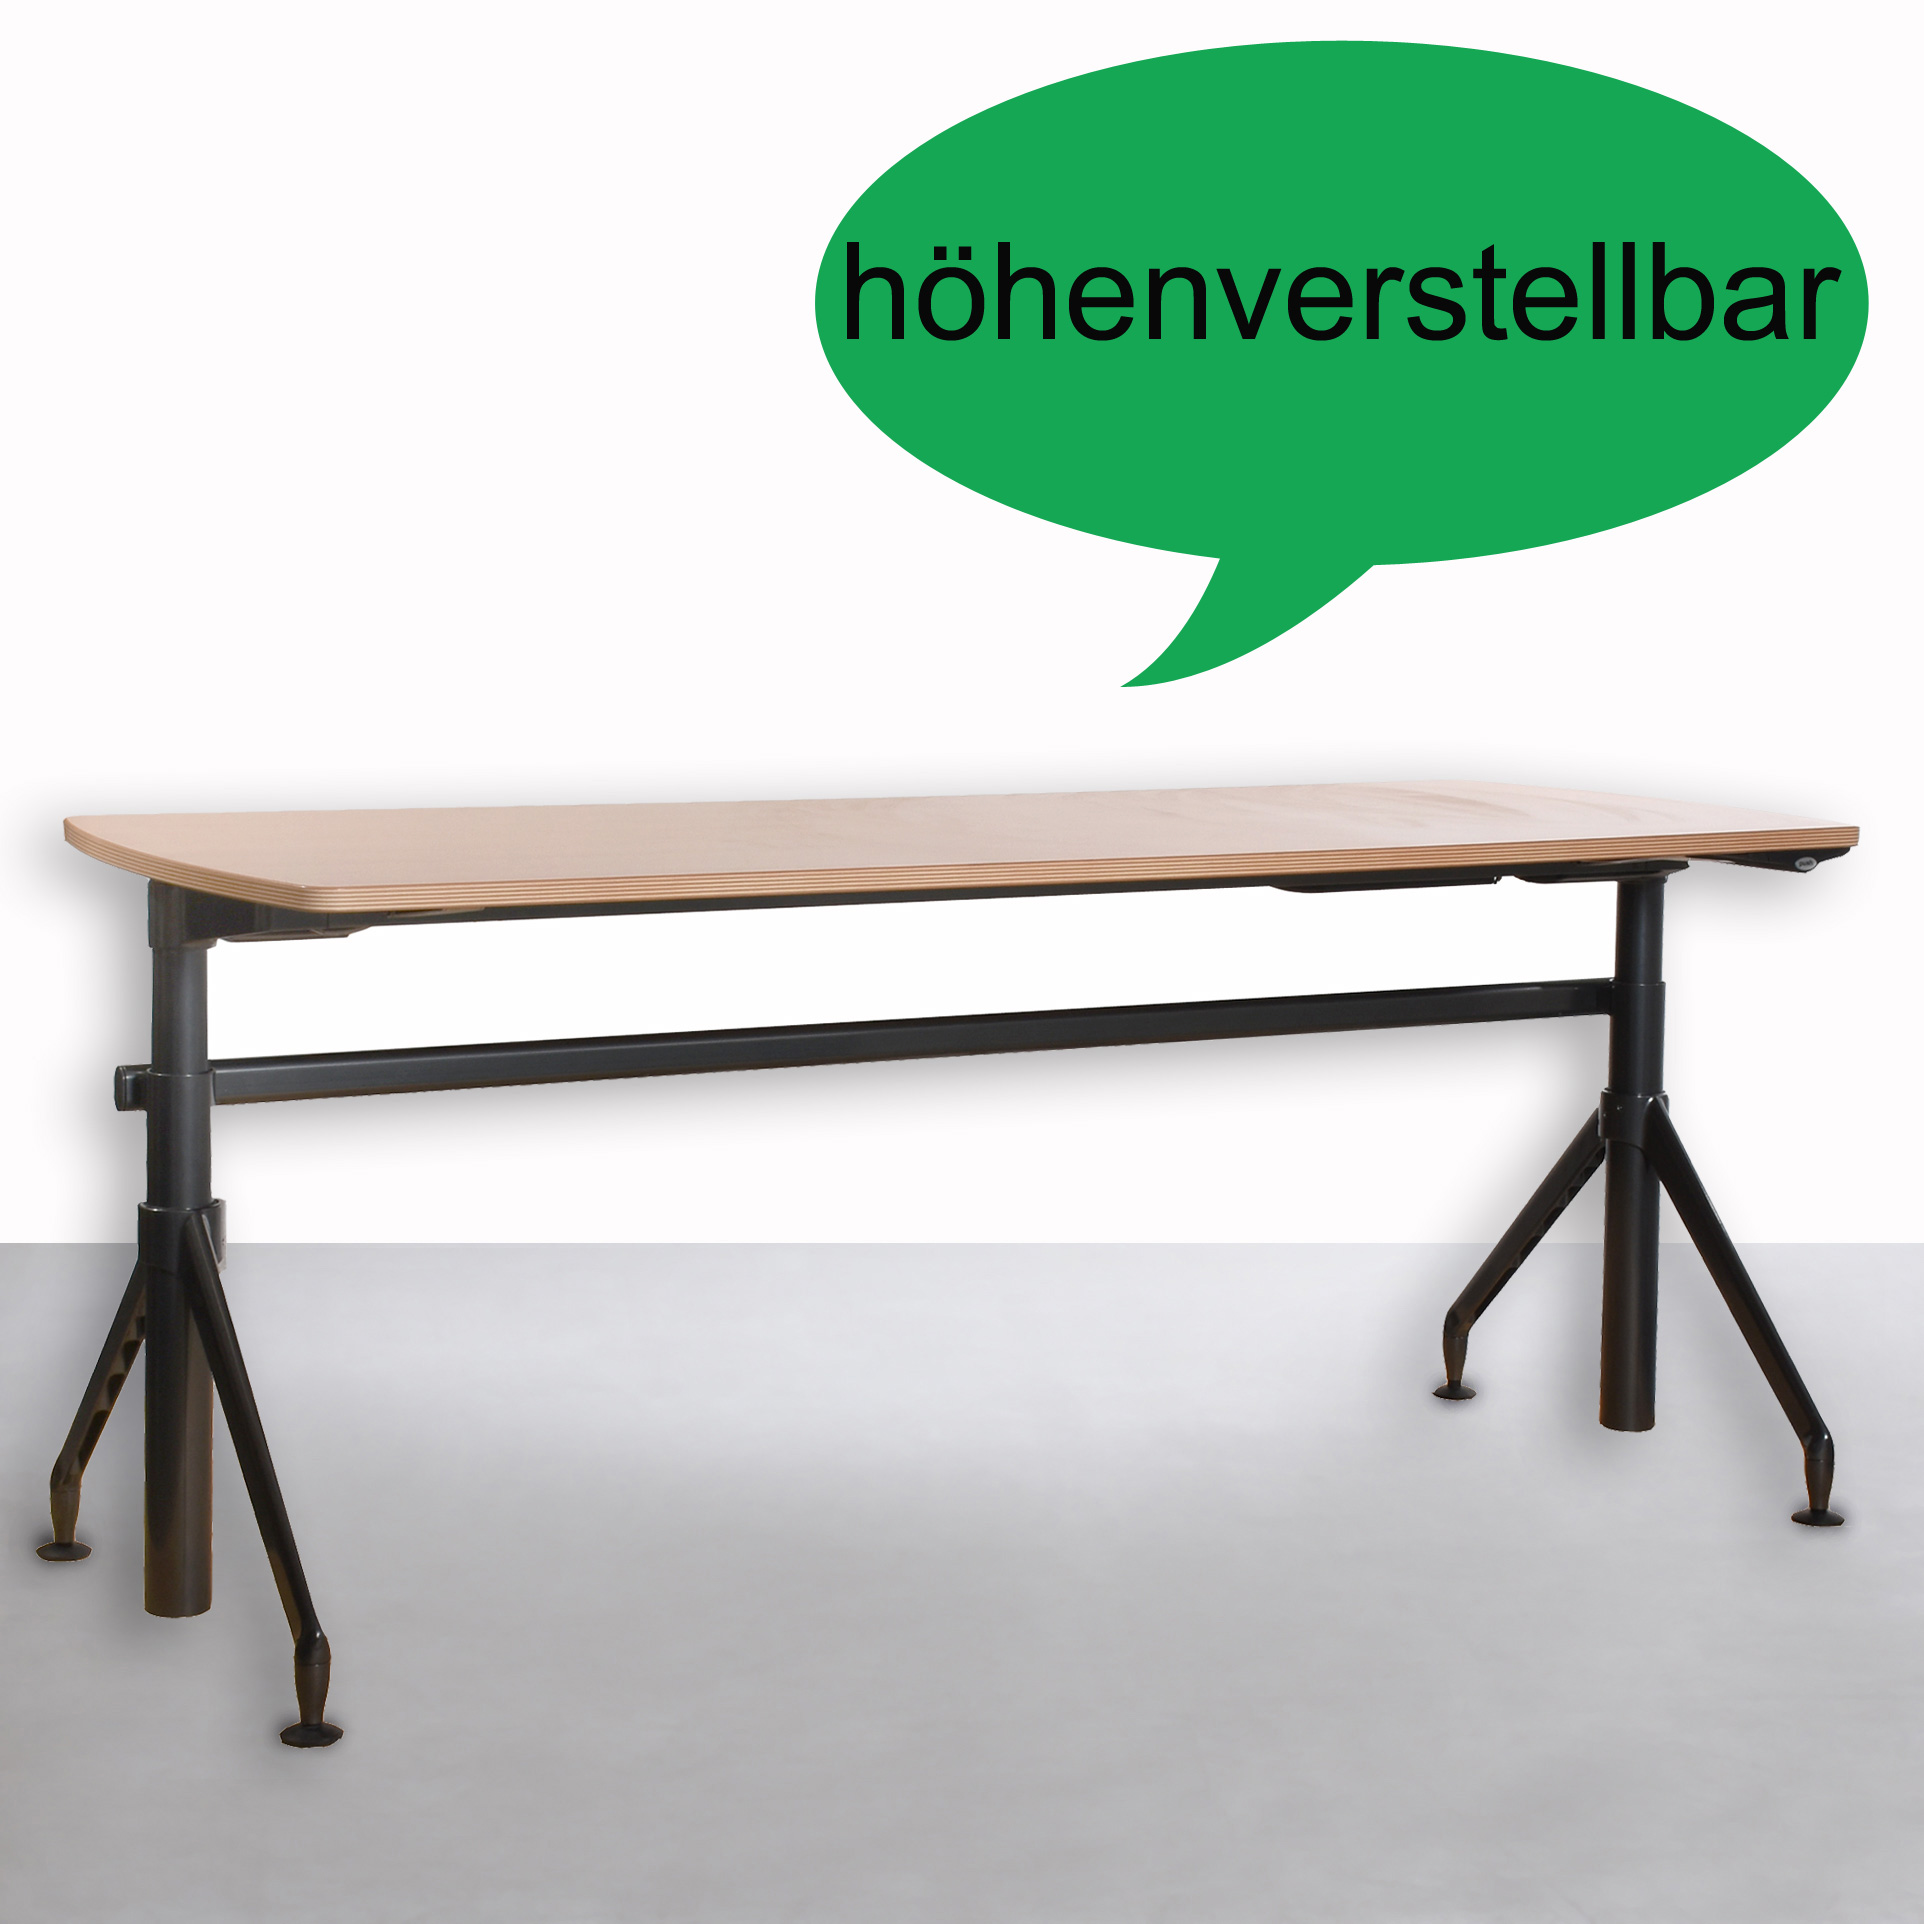 steelcase schreibtisch elektrisch h henverstellbar 80x200 buche gebraucht b ro 36239. Black Bedroom Furniture Sets. Home Design Ideas